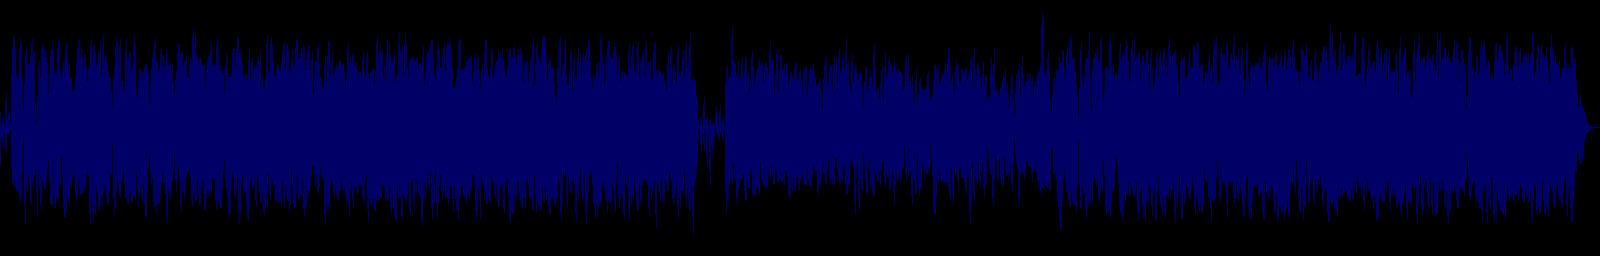 waveform of track #122504